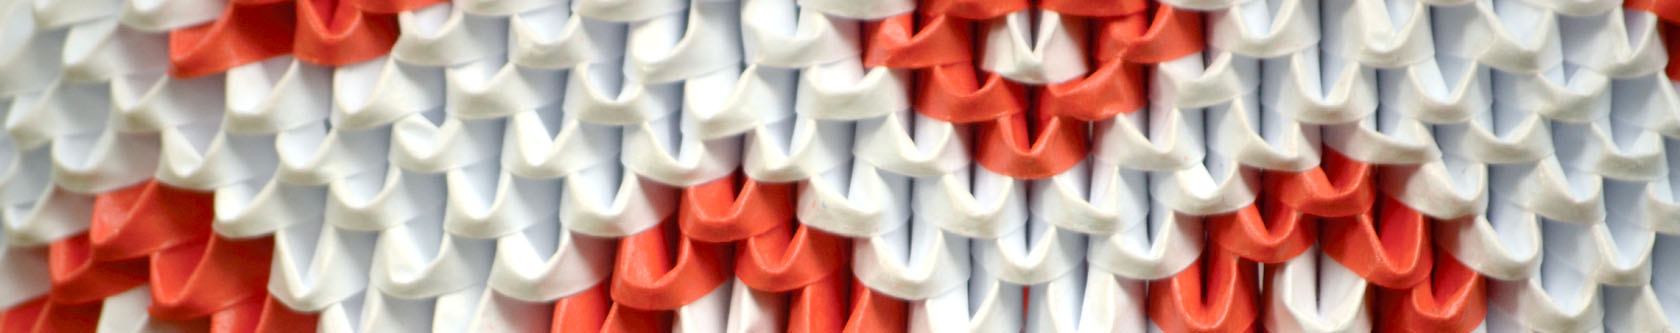 Arta de a da viaţă hârtiei – Vernisaj Origami 3D Alexandru David Igescu